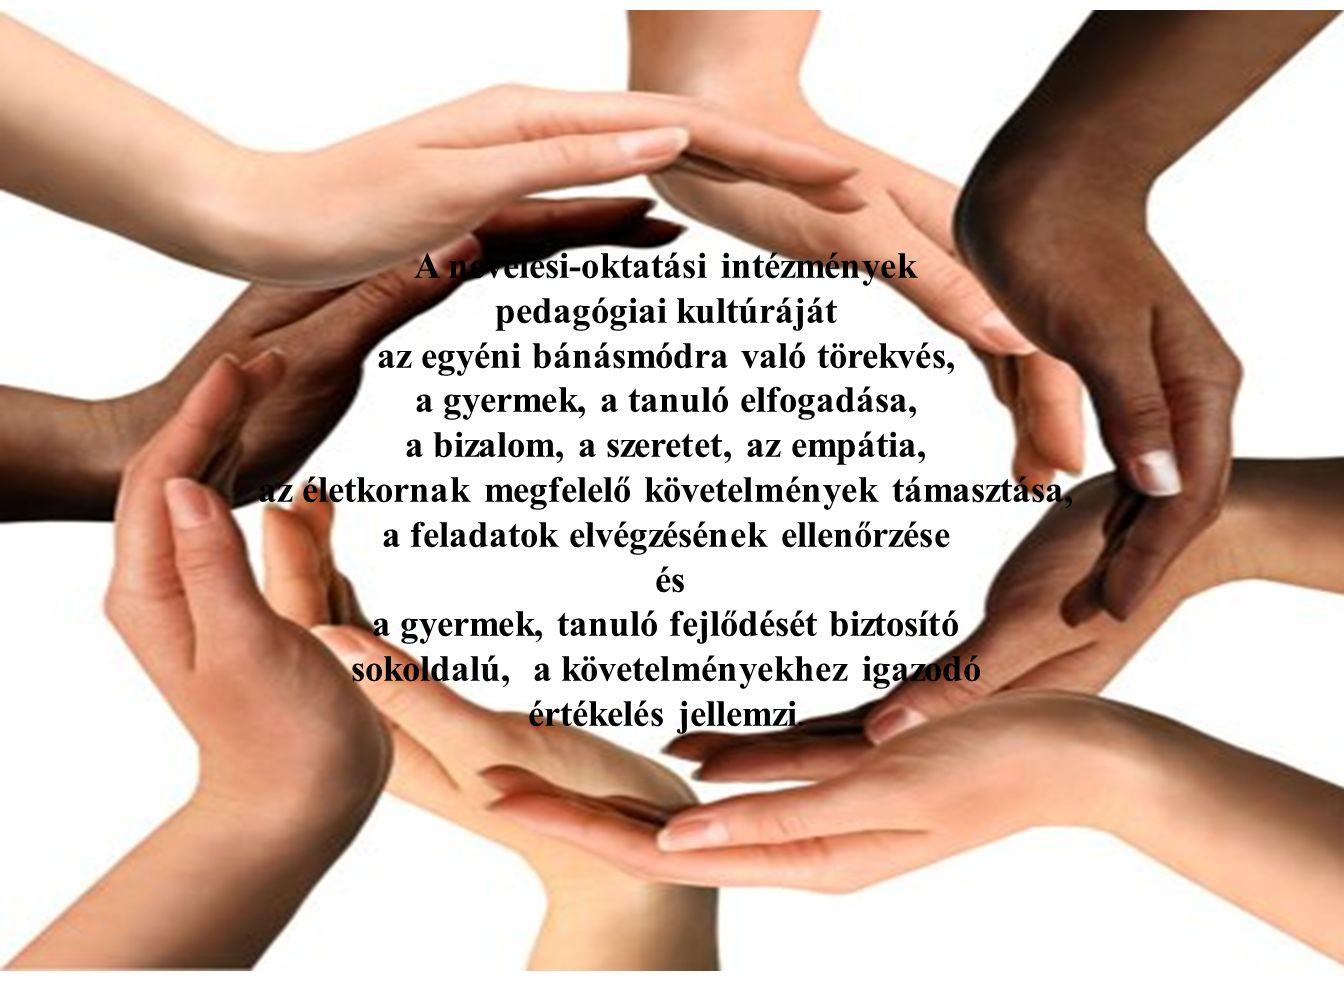 A nevelési-oktatási intézmények pedagógiai kultúráját az egyéni bánásmódra való törekvés, a gyermek, a tanuló elfogadása, a bizalom, a szeretet, az empátia, az életkornak megfelelő követelmények támasztása, a feladatok elvégzésének ellenőrzése és a gyermek, tanuló fejlődését biztosító sokoldalú, a követelményekhez igazodó értékelés jellemzi.